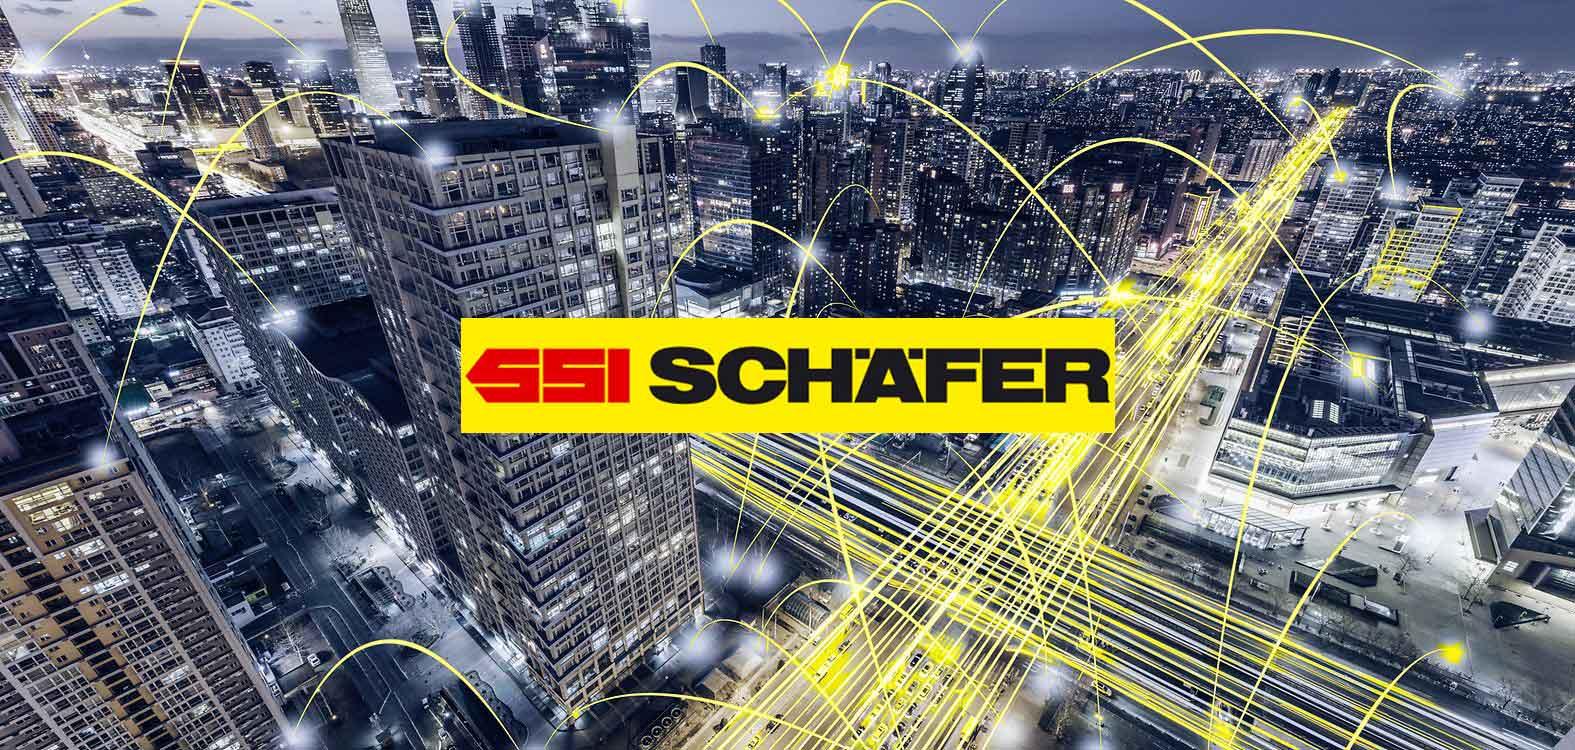 SCHAEFER-Banner.jpg